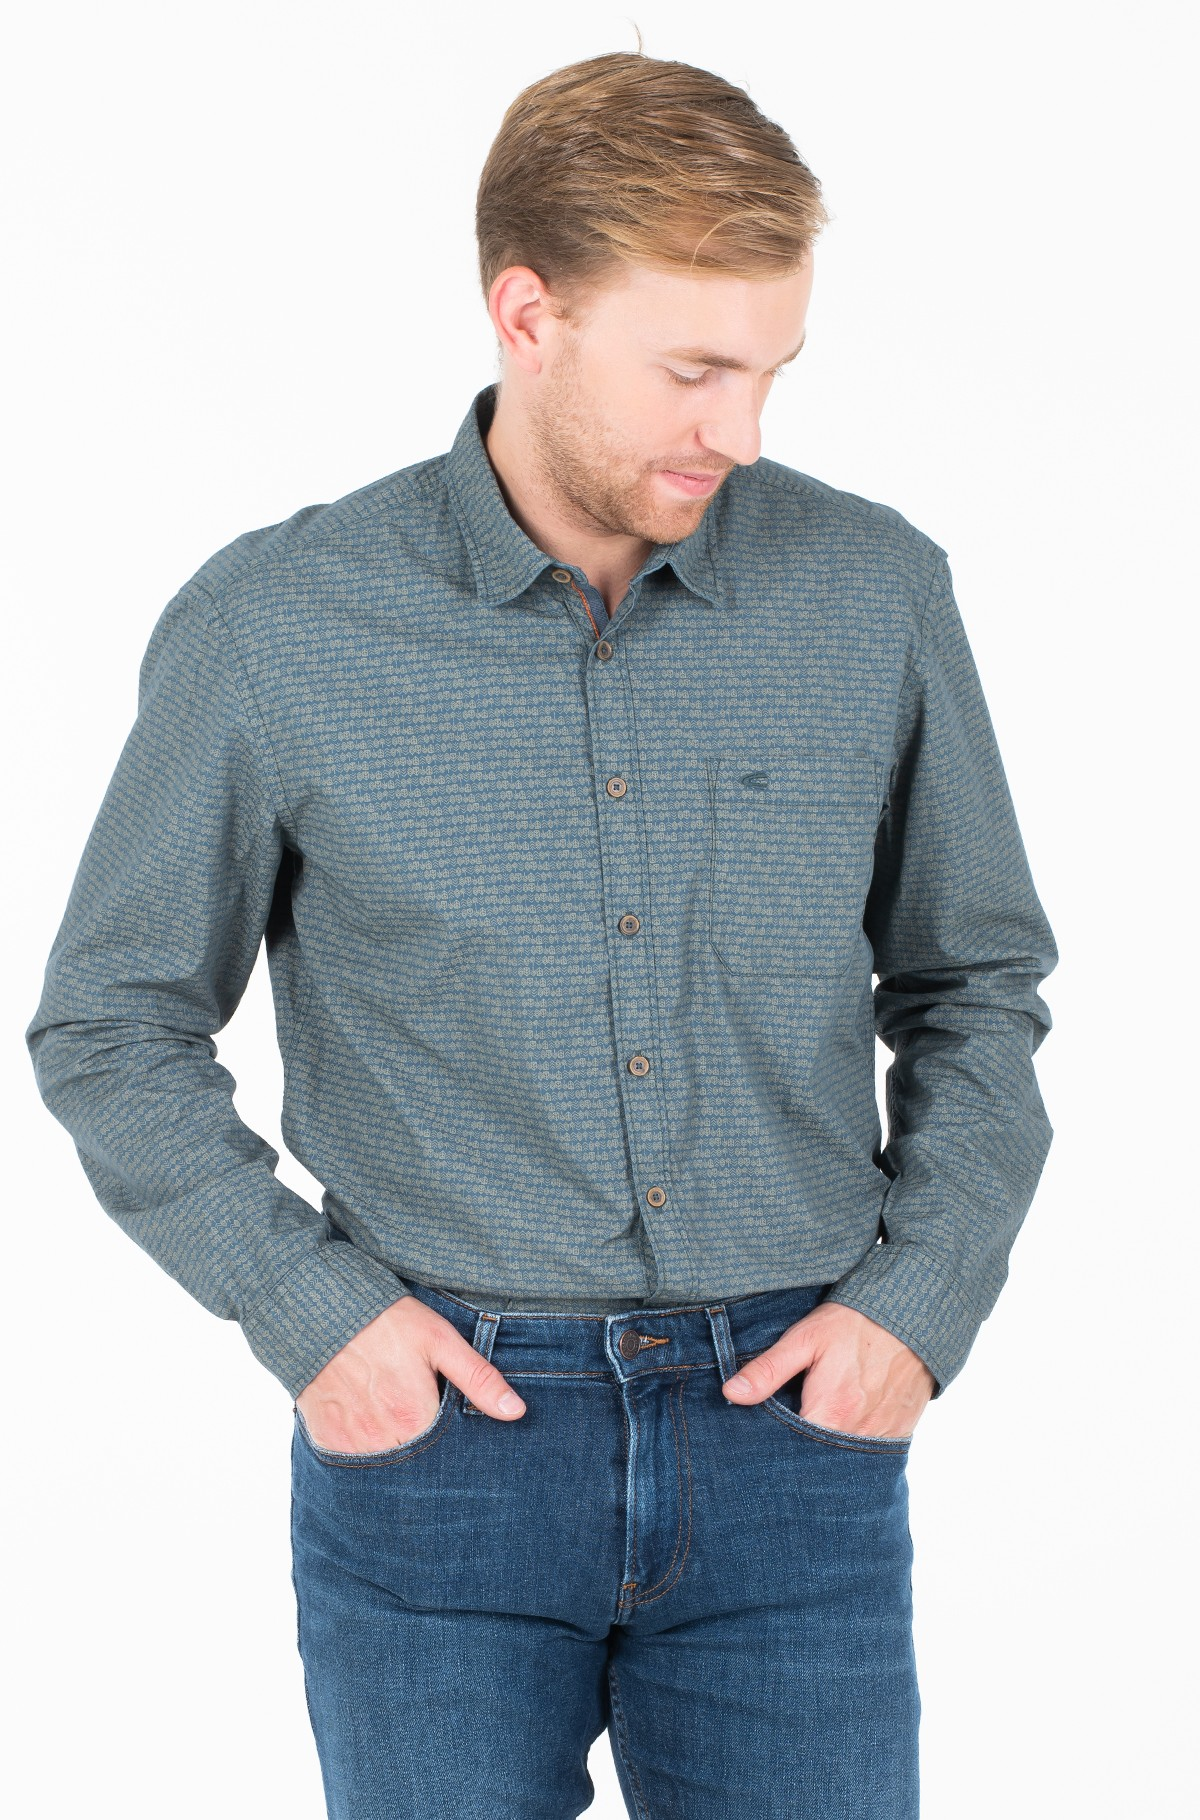 Marškiniai 31.125190-full-1